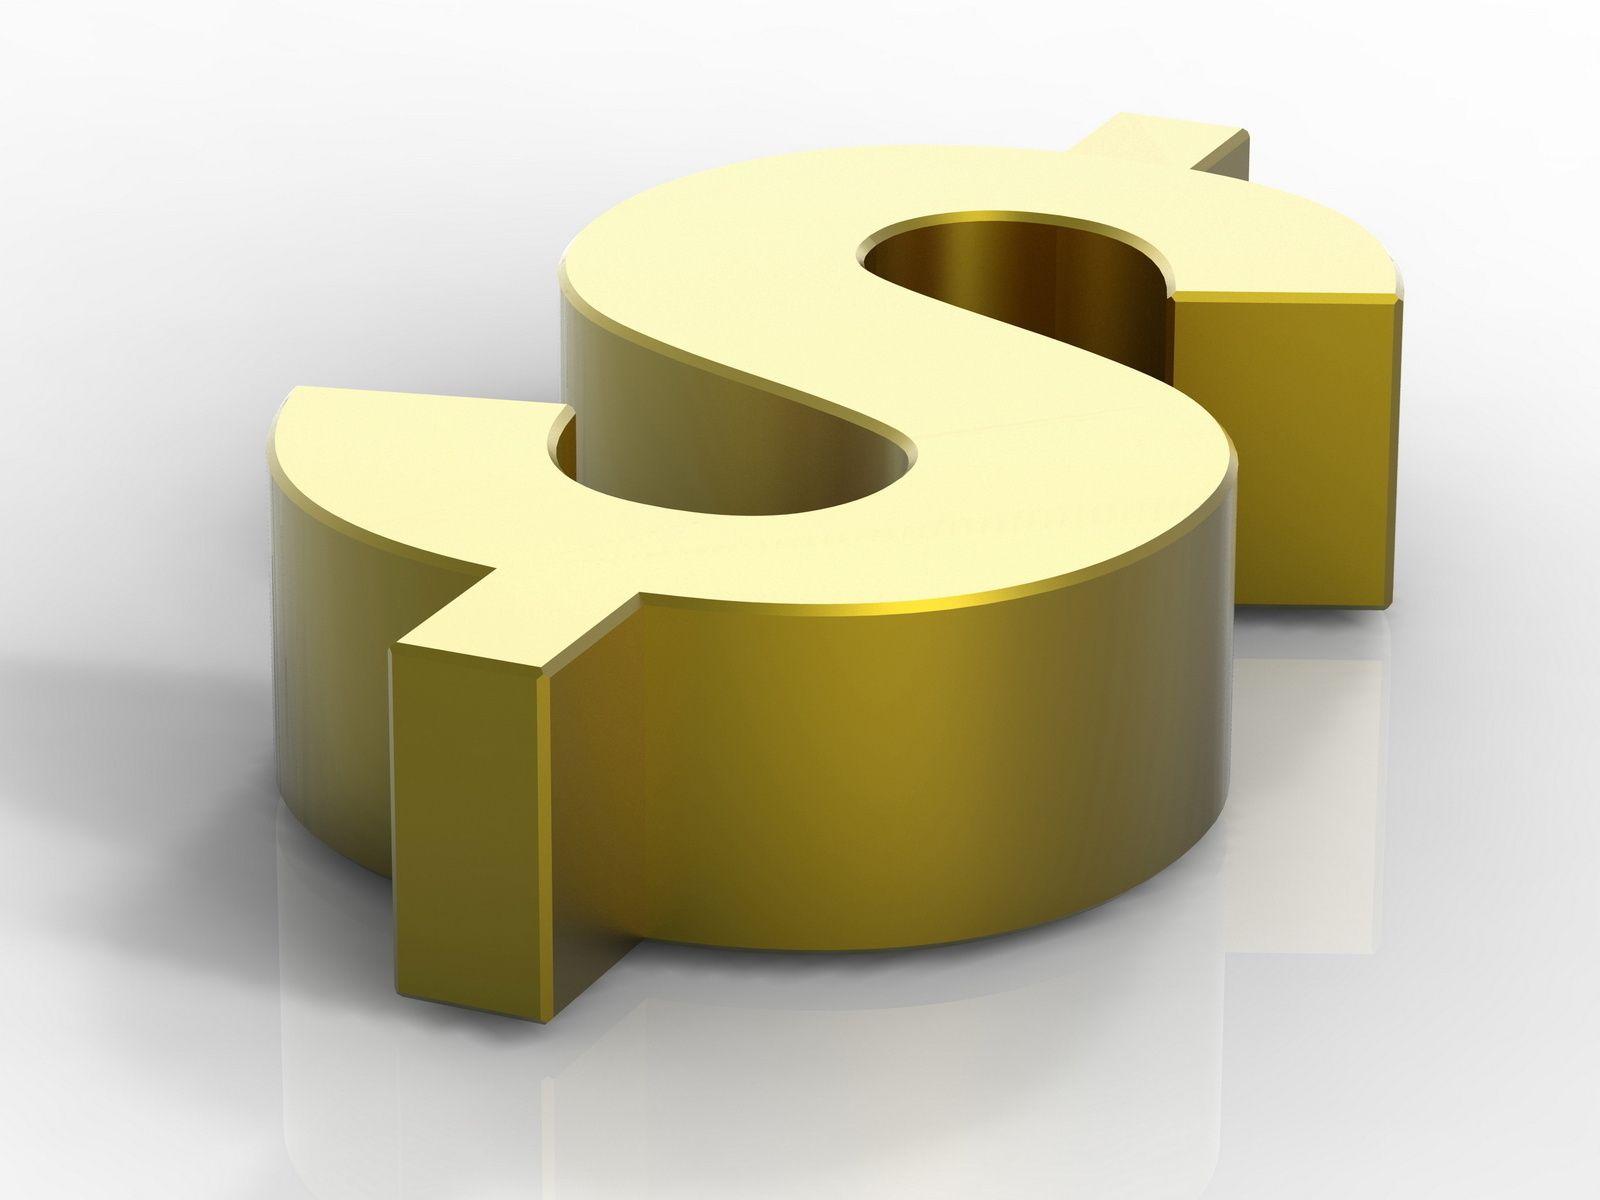 Золотой значок доллара на сером фоне в объёме